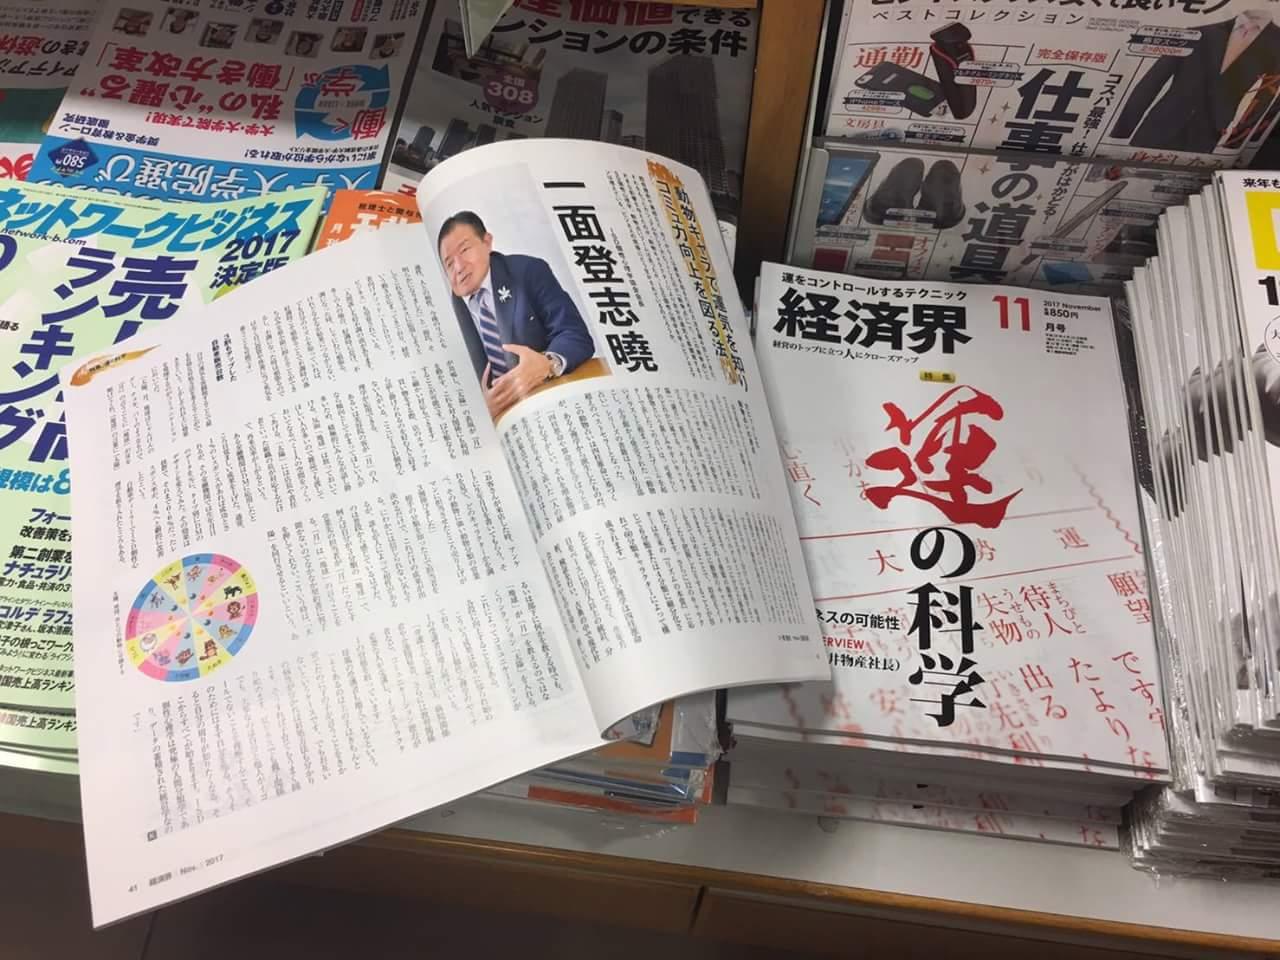 雑誌「経済界11月号」運の科学にISD個性心理学協会の会長、一面登志暁が紹介されたました。